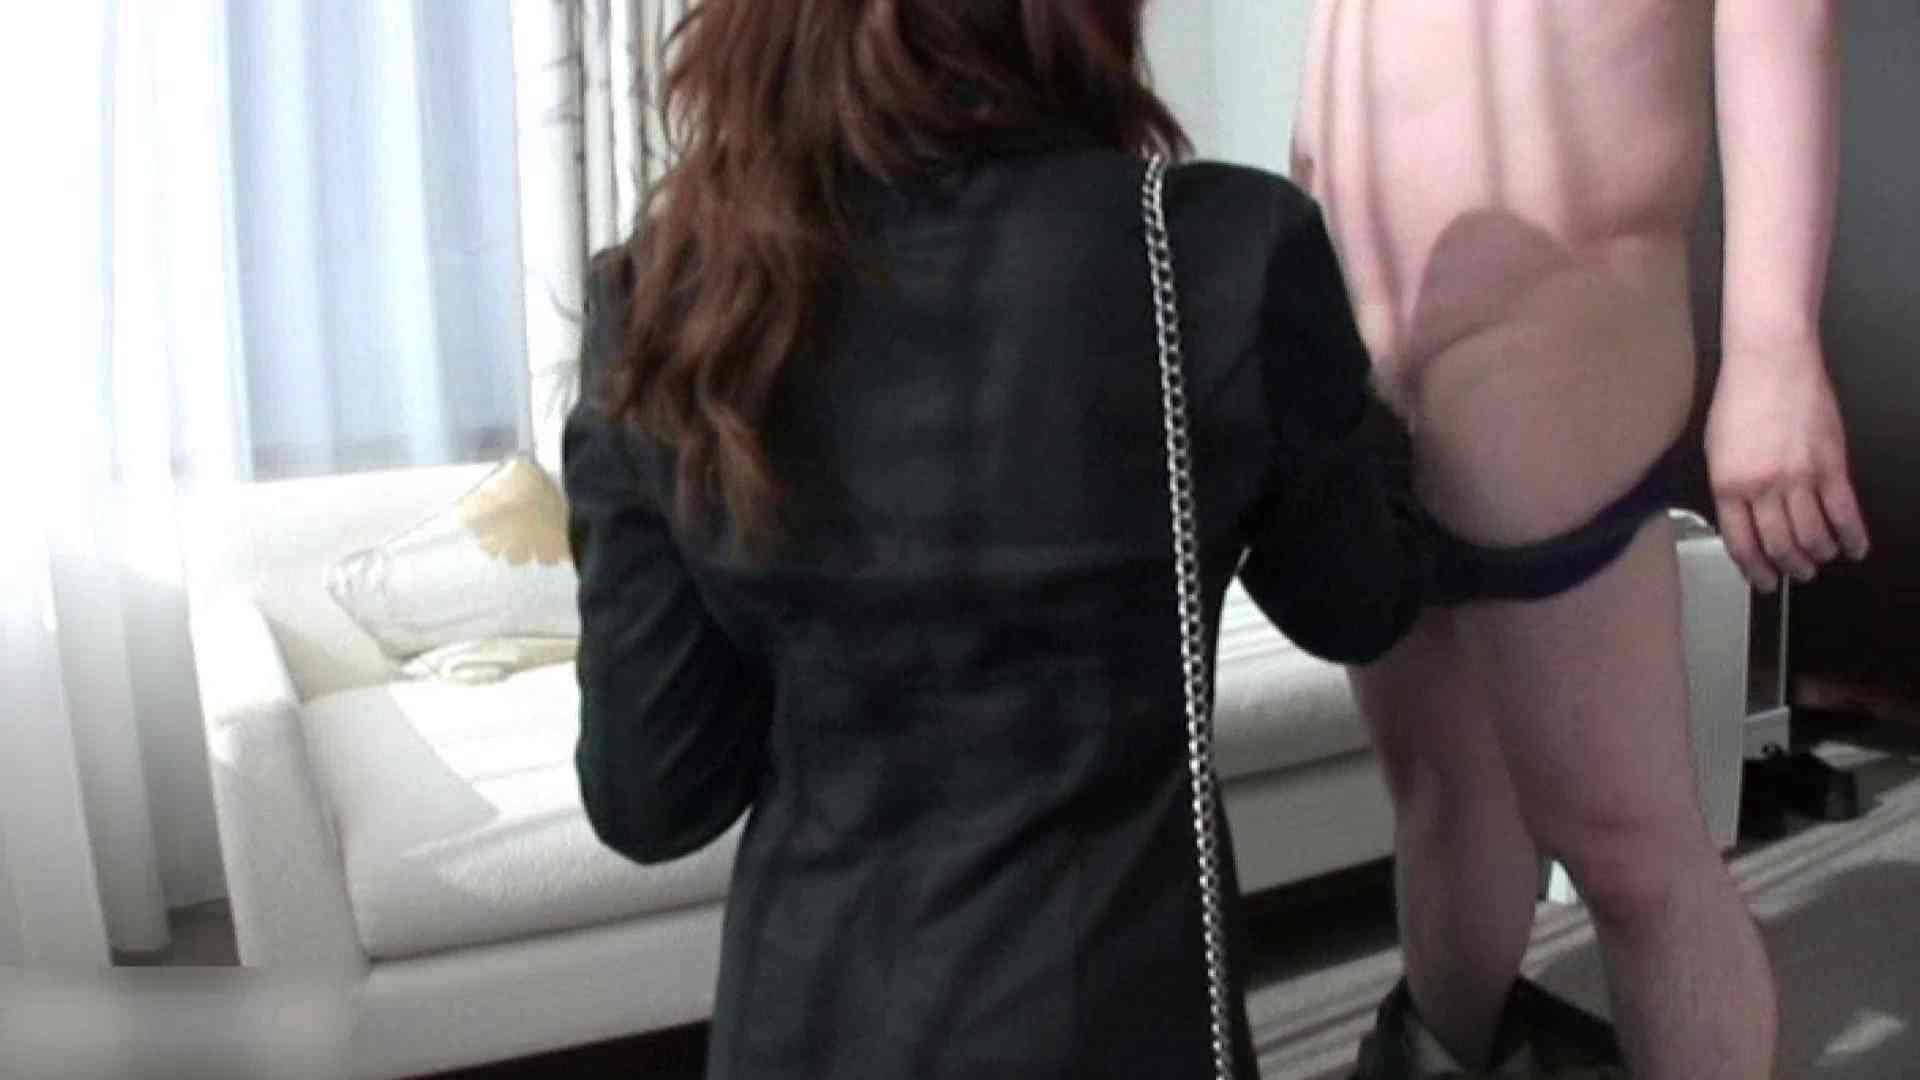 淫乱人妻 狂った宴 Vol.01 淫乱  81pic 12